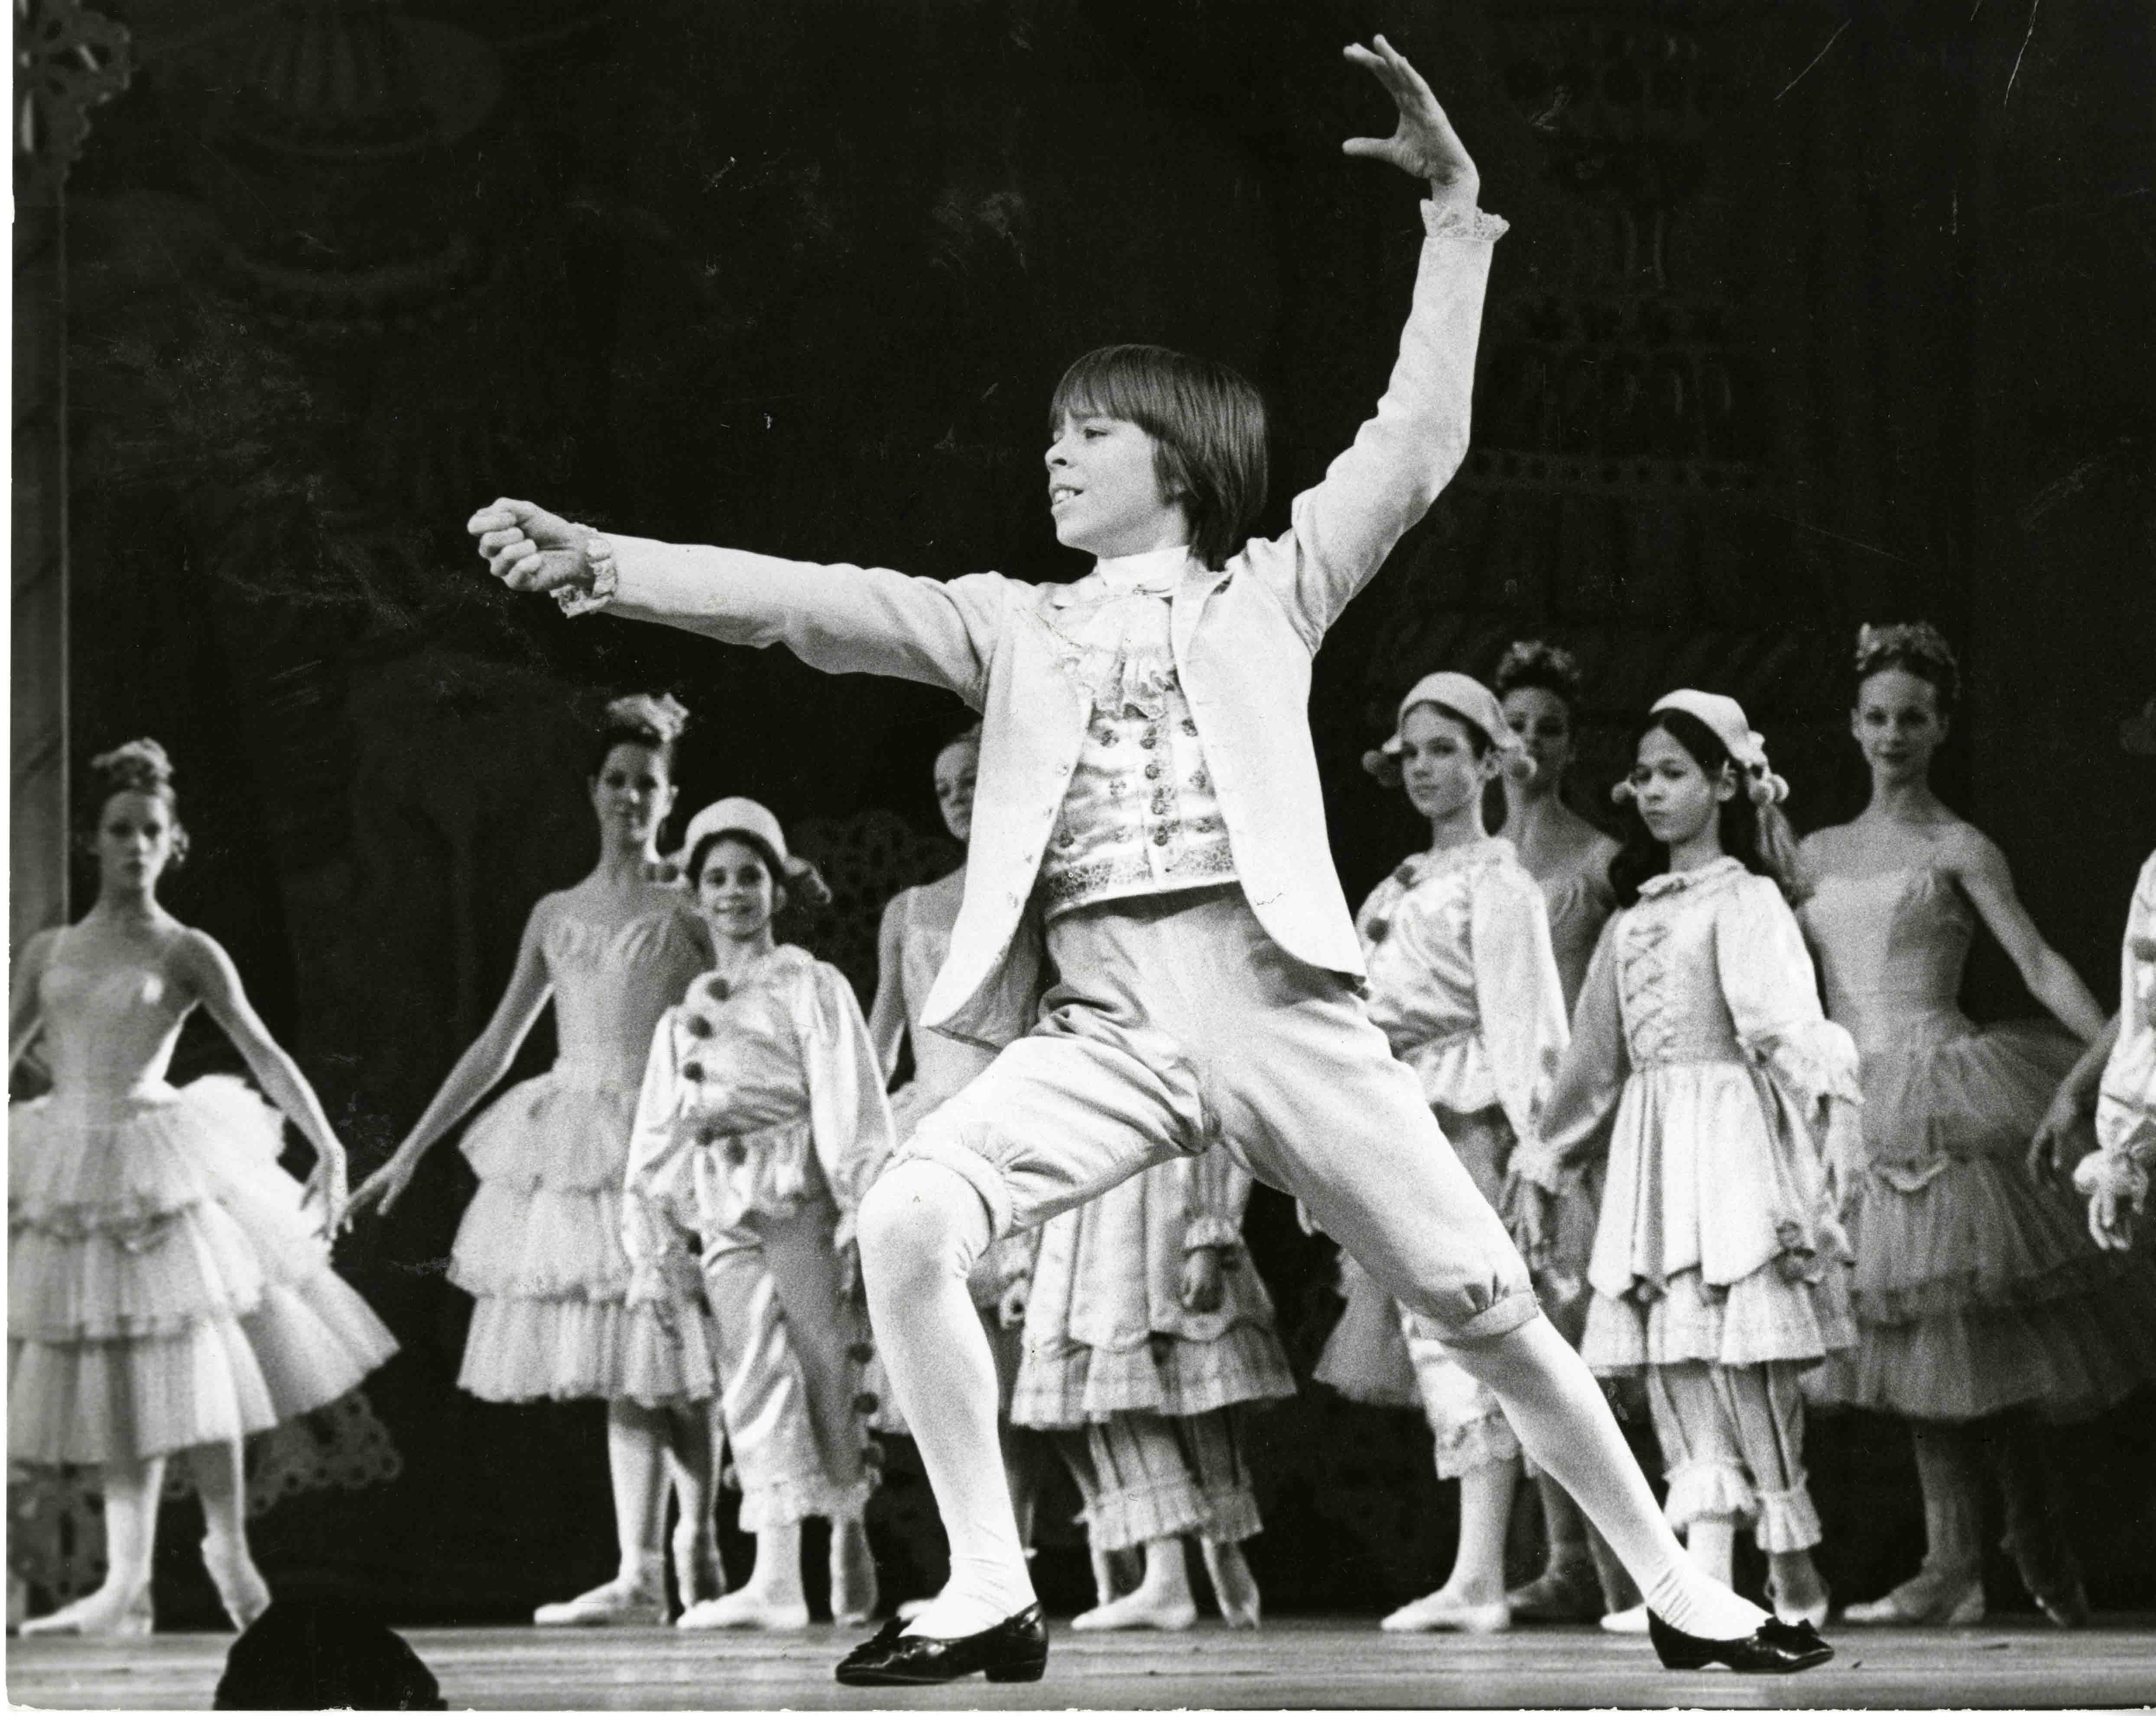 NYCB_Prince Pantomime_Christopher d'Amboise_1972_Martha swoper.jpg